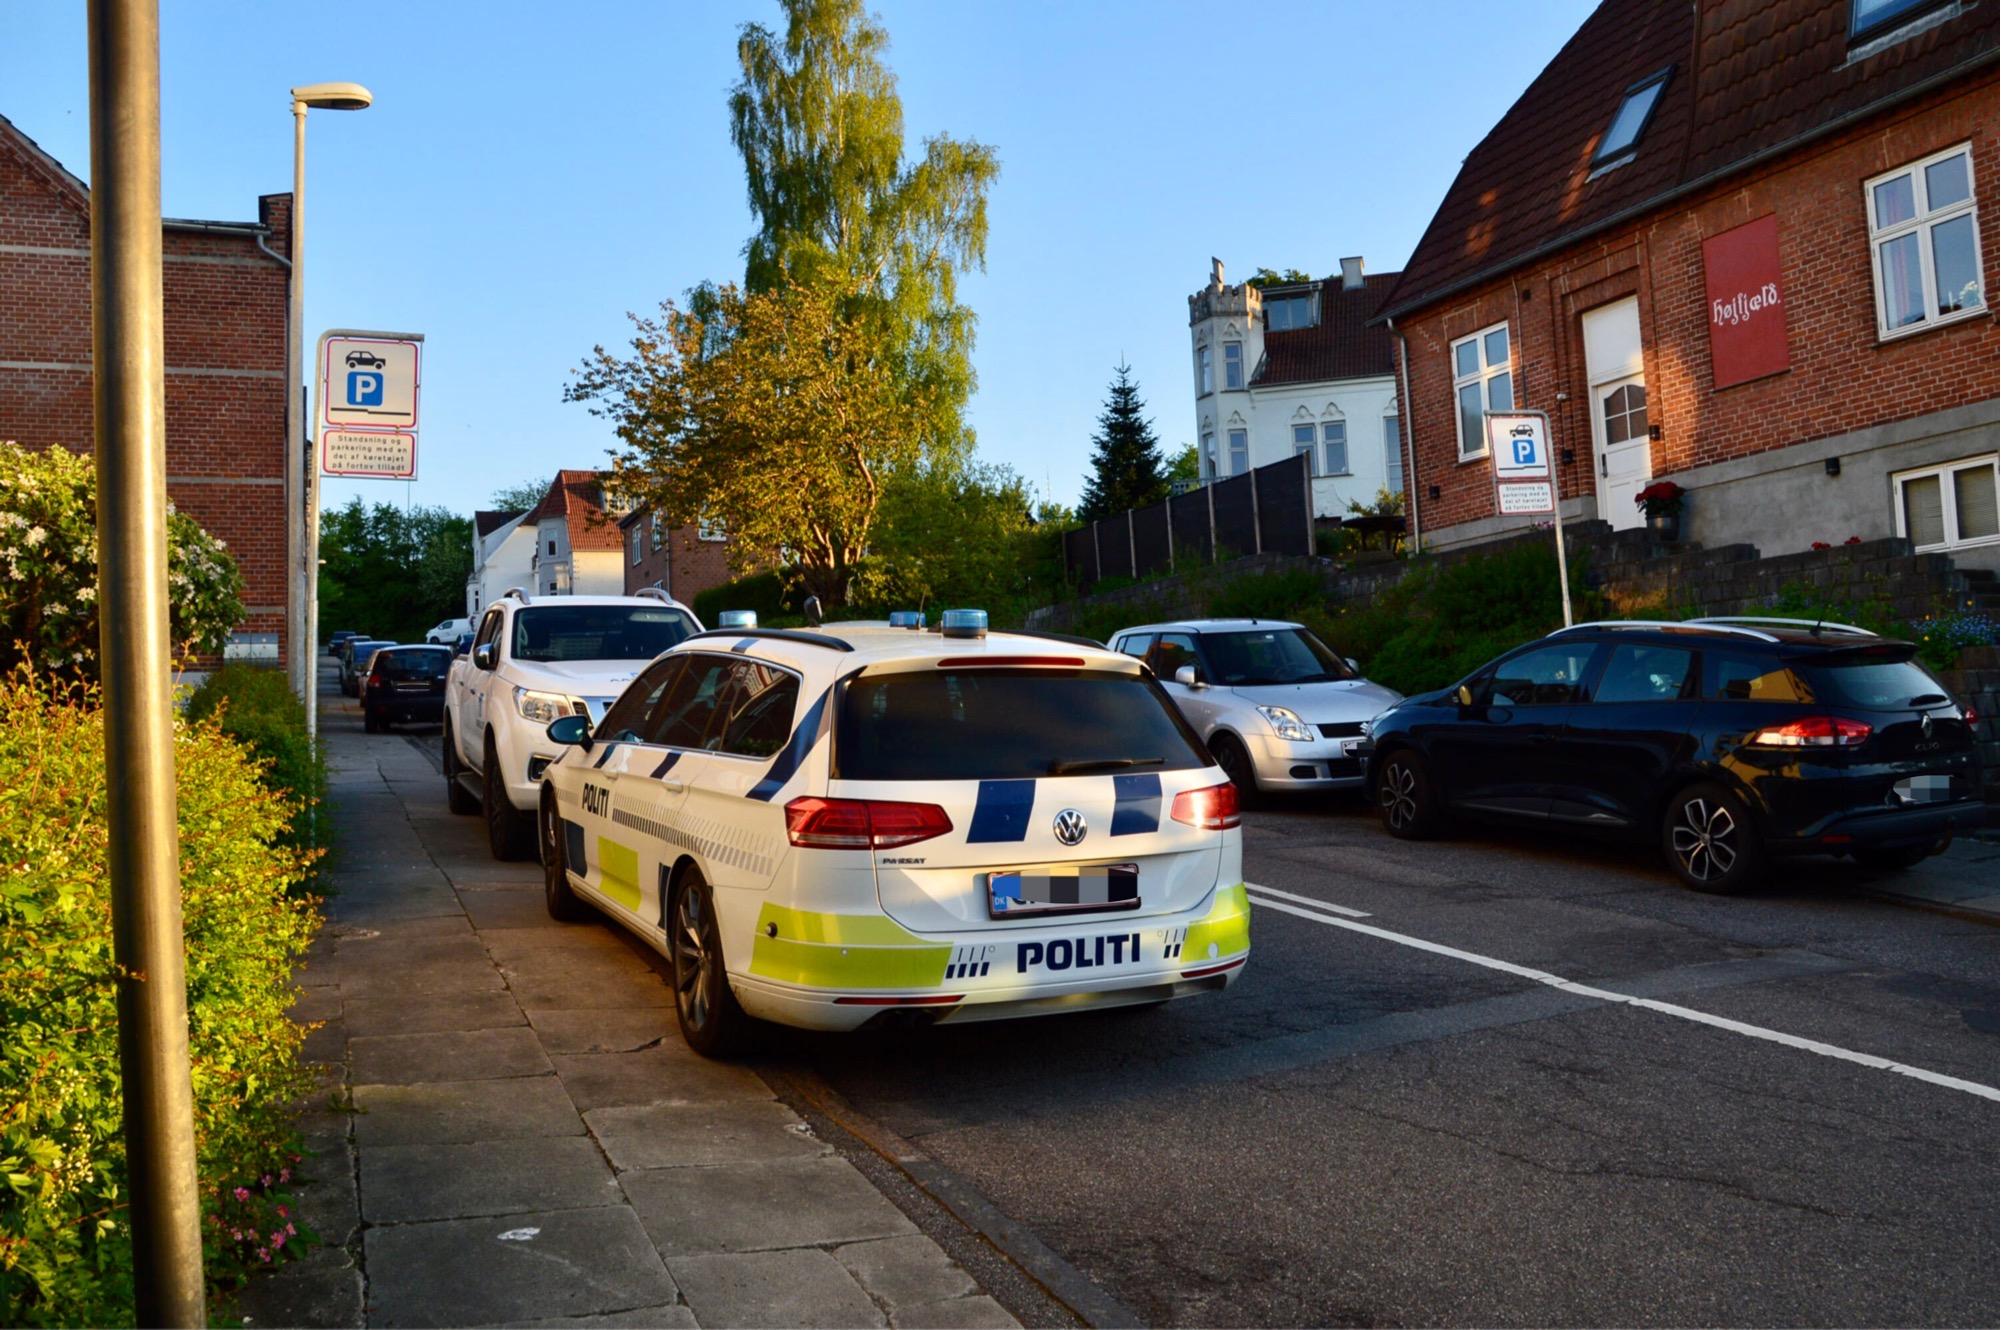 Politi og teknikere har afspærret område i Vejle